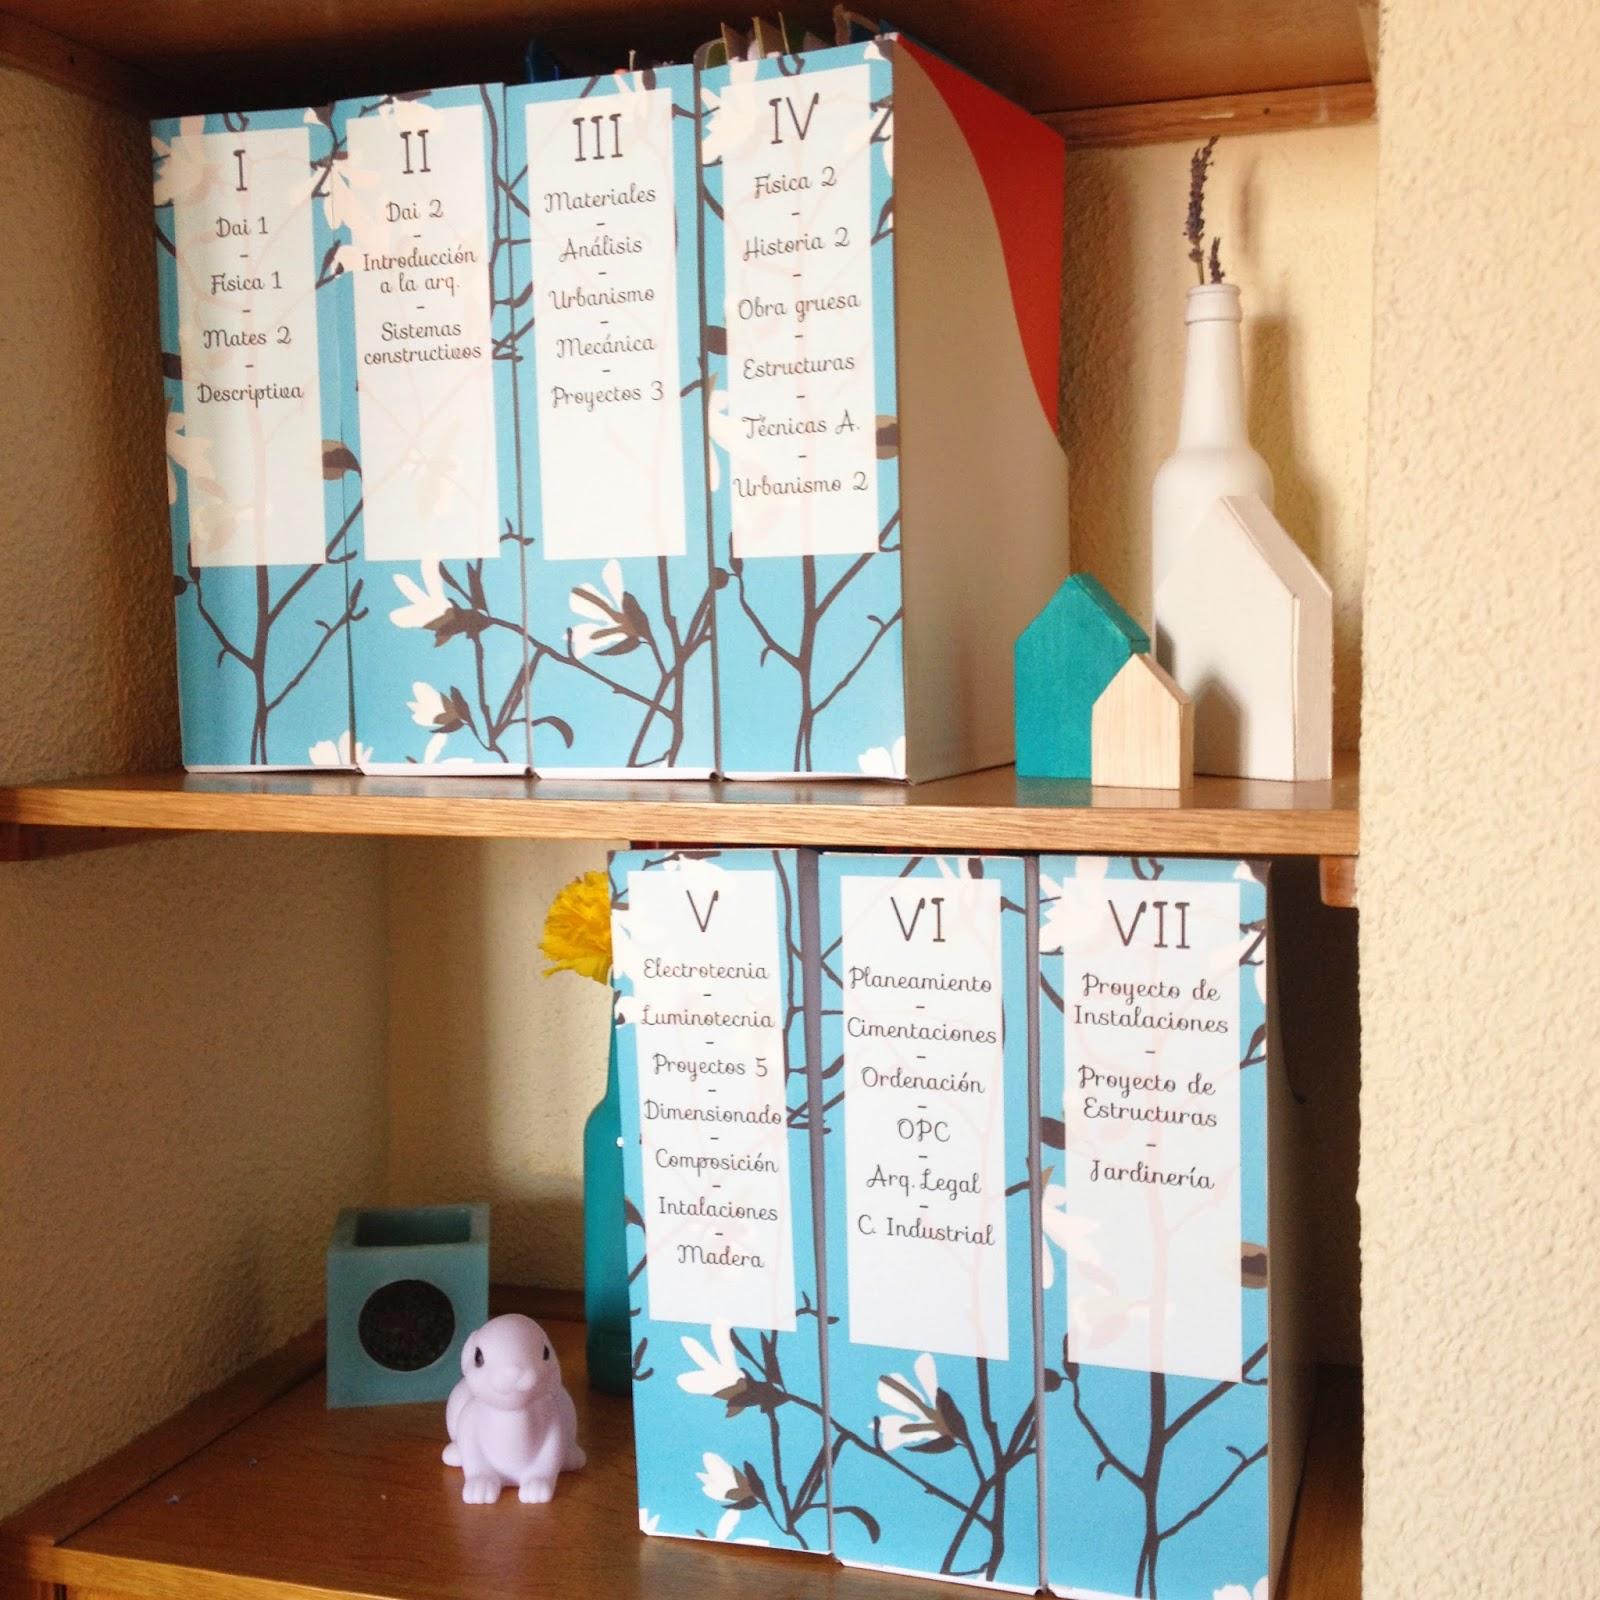 Mi armario coqueto diy personaliza tus archivadores for Como pegar papel mural en madera